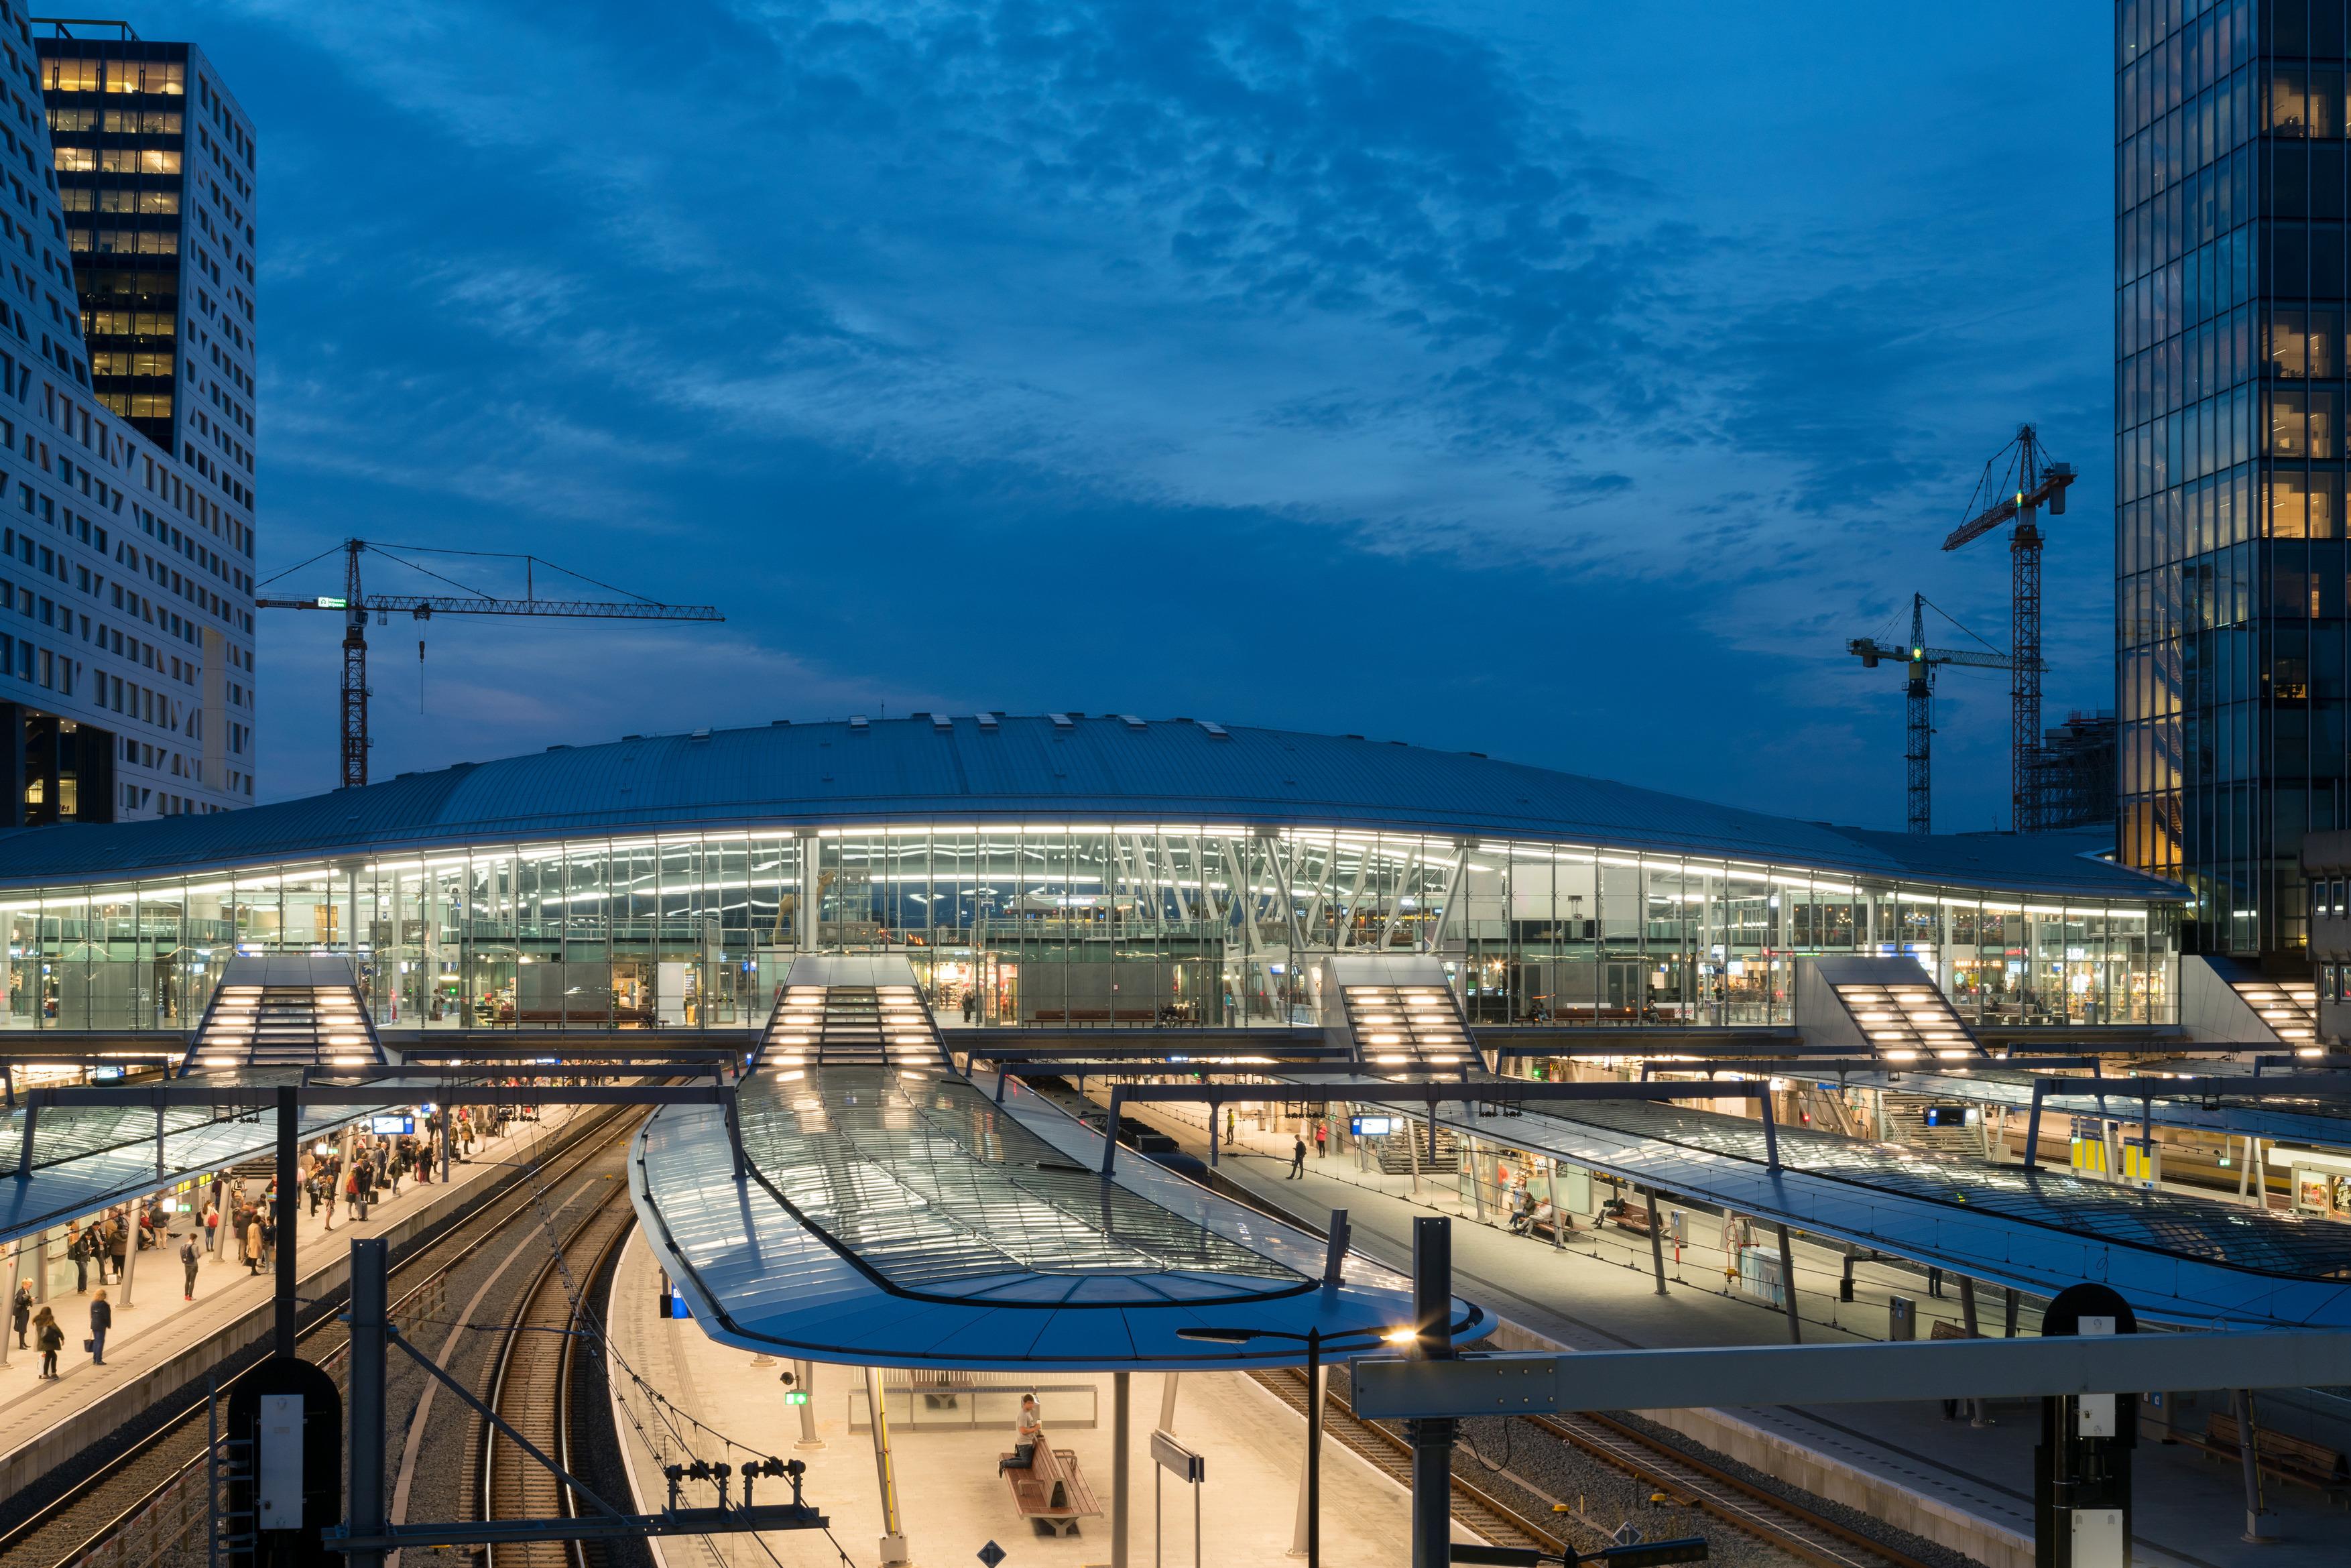 483 OVT Utrecht Centraal N58 a4